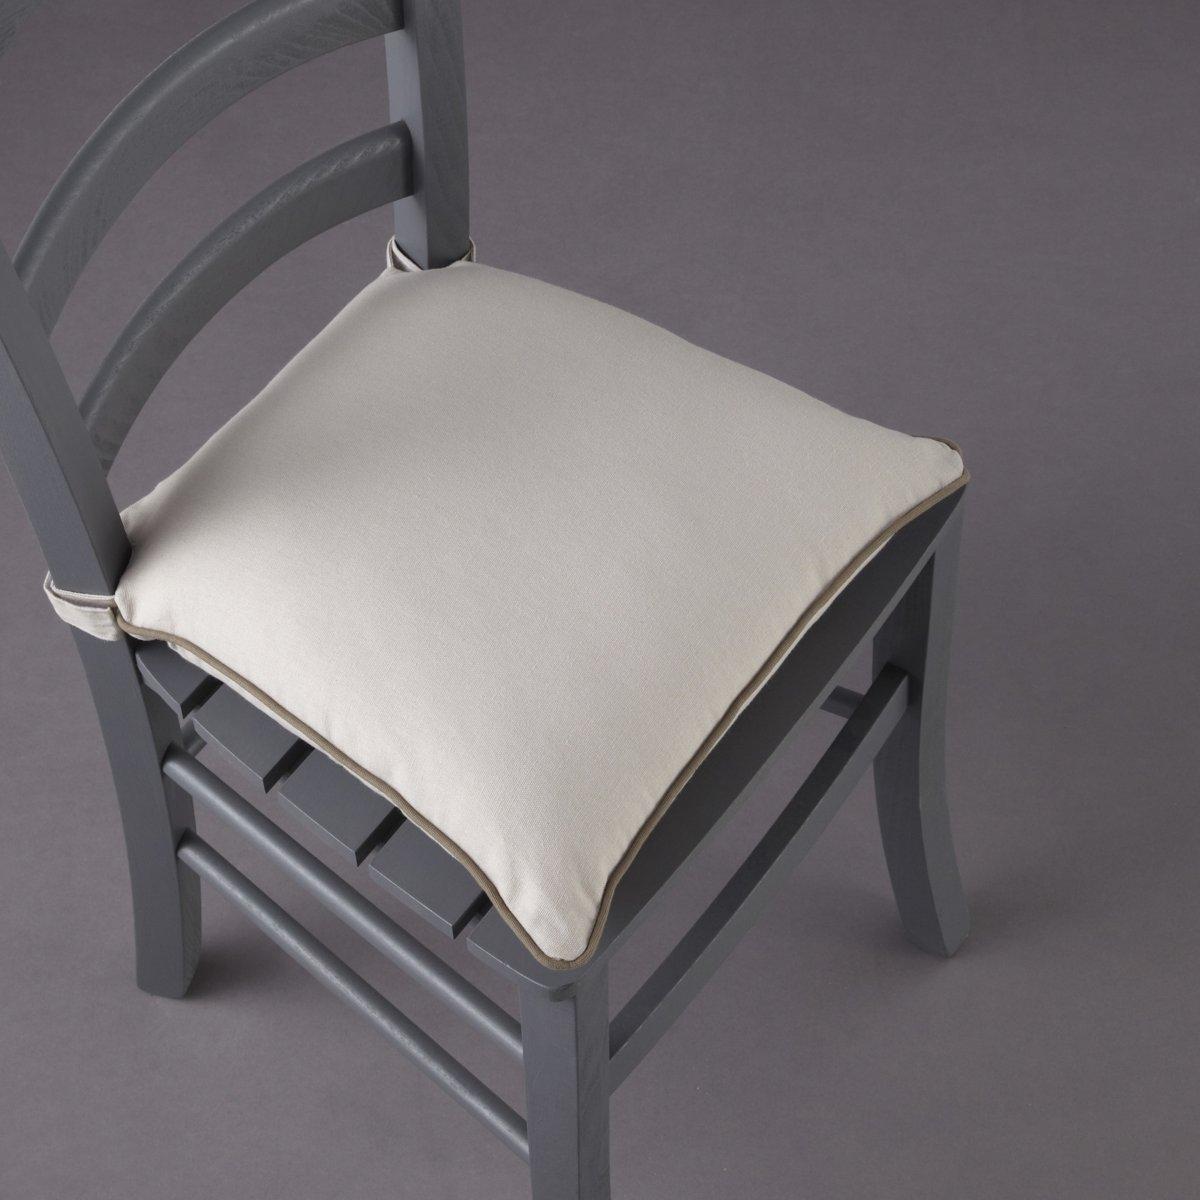 Подушка для стула, BRIDGYКоллекция предметов декора Valeur S?re - качественные изделия с красивой отделкой. Существует 5 однотонных расцветок и 1 принт в полоску (не для всех моделей). Все чехлы для мебели: кресел, диванов, стульев и для декоративных подушек (продаются отдельно на нашем сайте) отлично сочетаются. Состав, описание и уход: - 100% хлопок, отделка контрастным кантом. - Наполнитель: 100% полиэстера. - Съемный чехол. - Стирать при 40°C.- Застежка текстильная (липучка). - Размеры: 40 x 40 см, толщина: 4 см.Сертификат Oeko-Tex® дает гарантию того, что товары изготовлены без применения химических средств и не представляют опасности для здоровья человека.<br><br>Цвет: антрацит/светло-серый,белый/ черный,индиго/серый жемчужный,серо-бежевый/серо-коричневый,серо-коричневый/серо-бежевый,серый жемчужный/ белый<br>Размер: 40 x 40  см.40 x 40  см.40 x 40  см.40 x 40  см.40 x 40  см